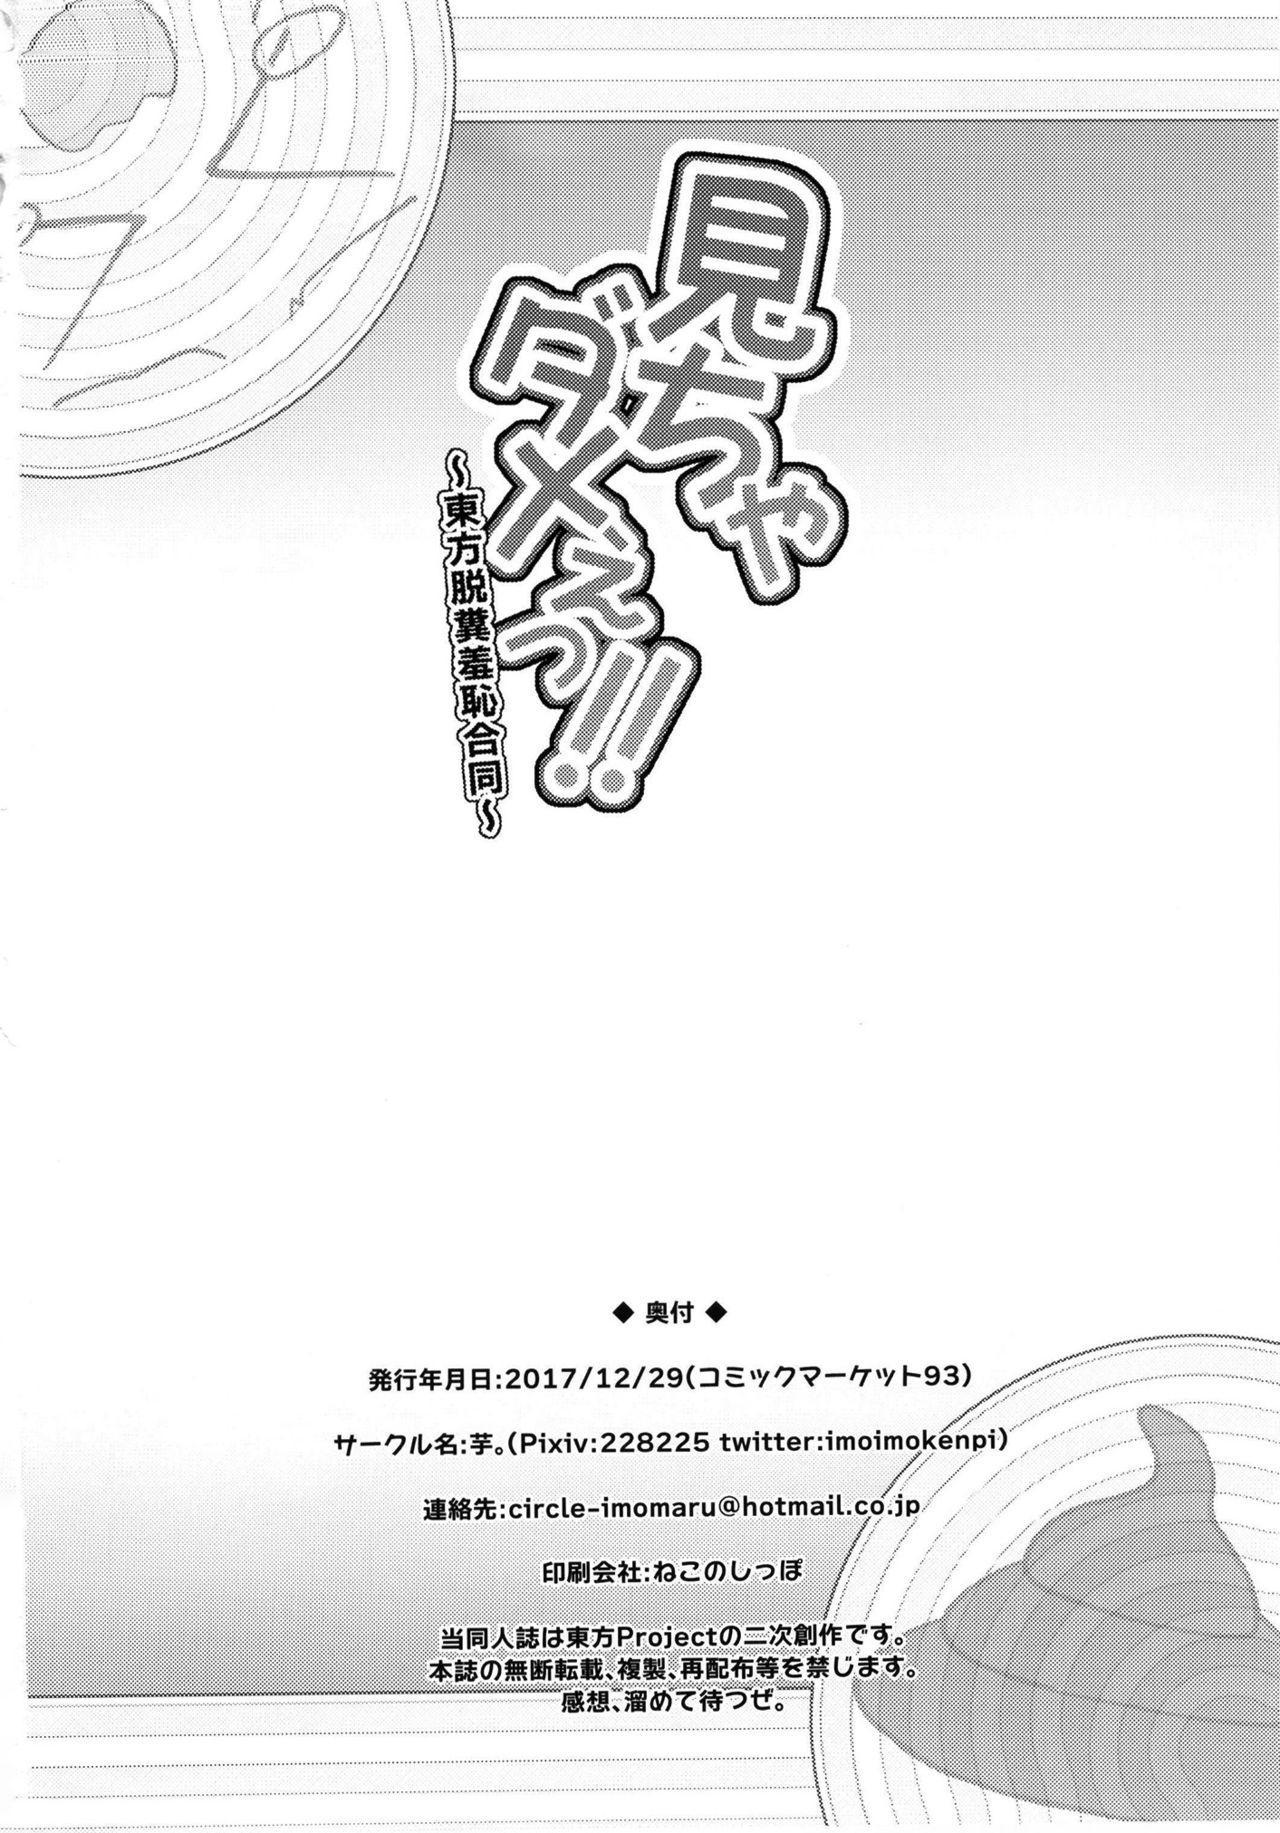 (C93) [Imomaru. (Various)] Micha Damee! ~Touhou Dappun Shuuchi Goudou~ | 不可以看啦! ~東方脫糞羞恥合同~ (Touhou Project) [Chinese] [臭鼬娘漢化組] 69